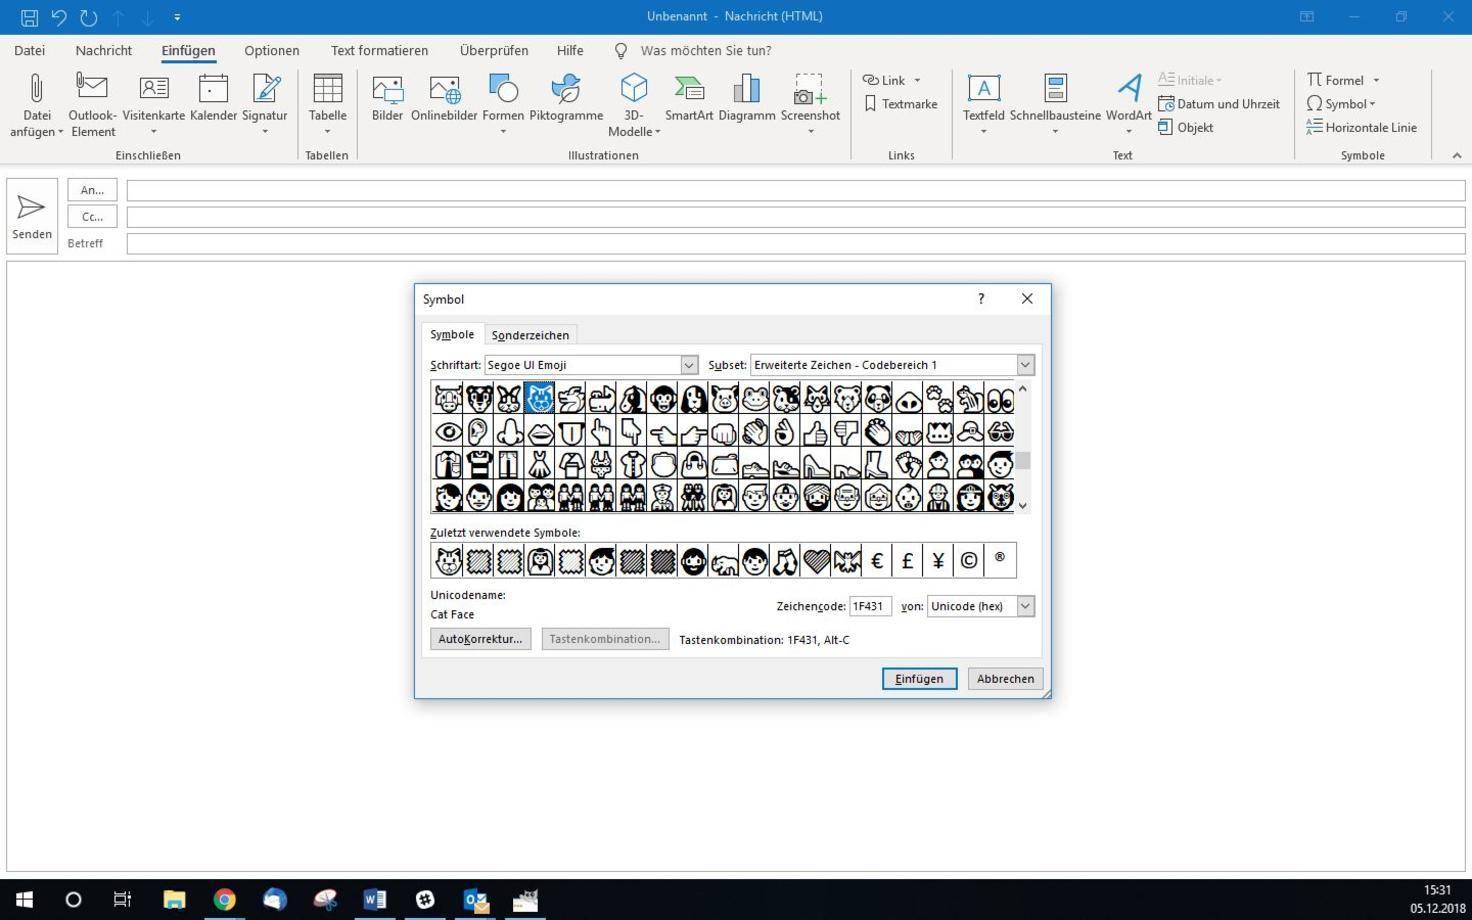 5 Möglichkeiten, wie du Emojis in Outlook integrieren kannst_Emojis-in-outlook-integrieren-per-symbol